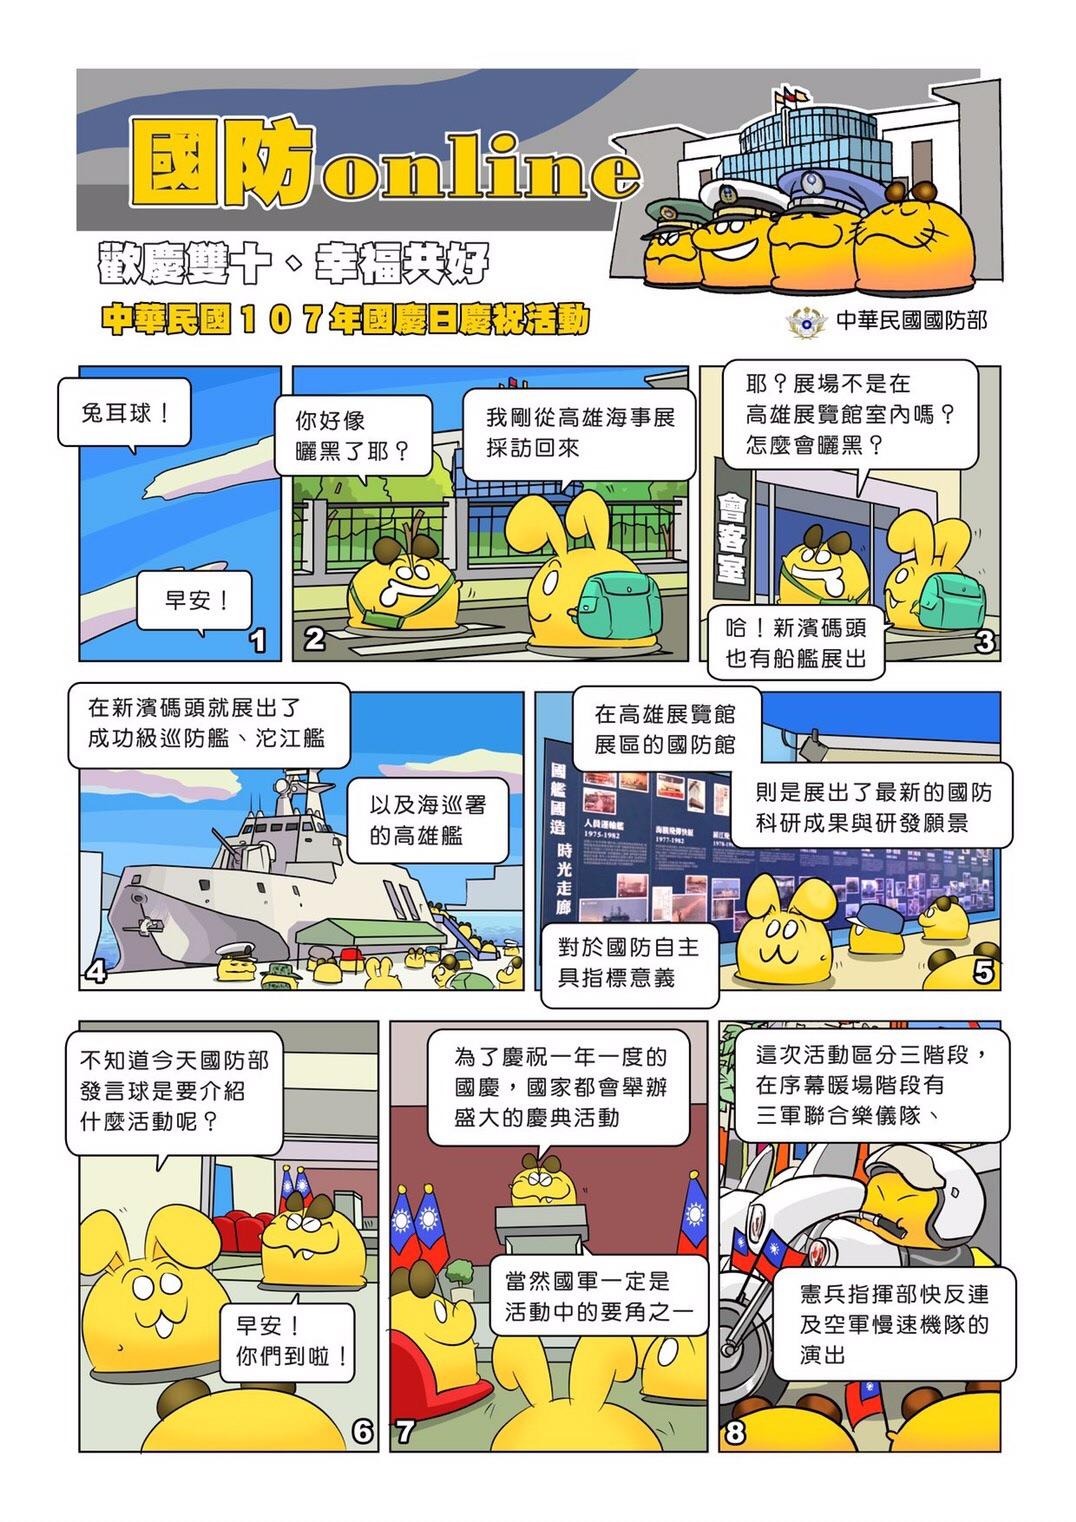 國防Online漫畫第32期—歡慶雙十,幸福共好01.jpg